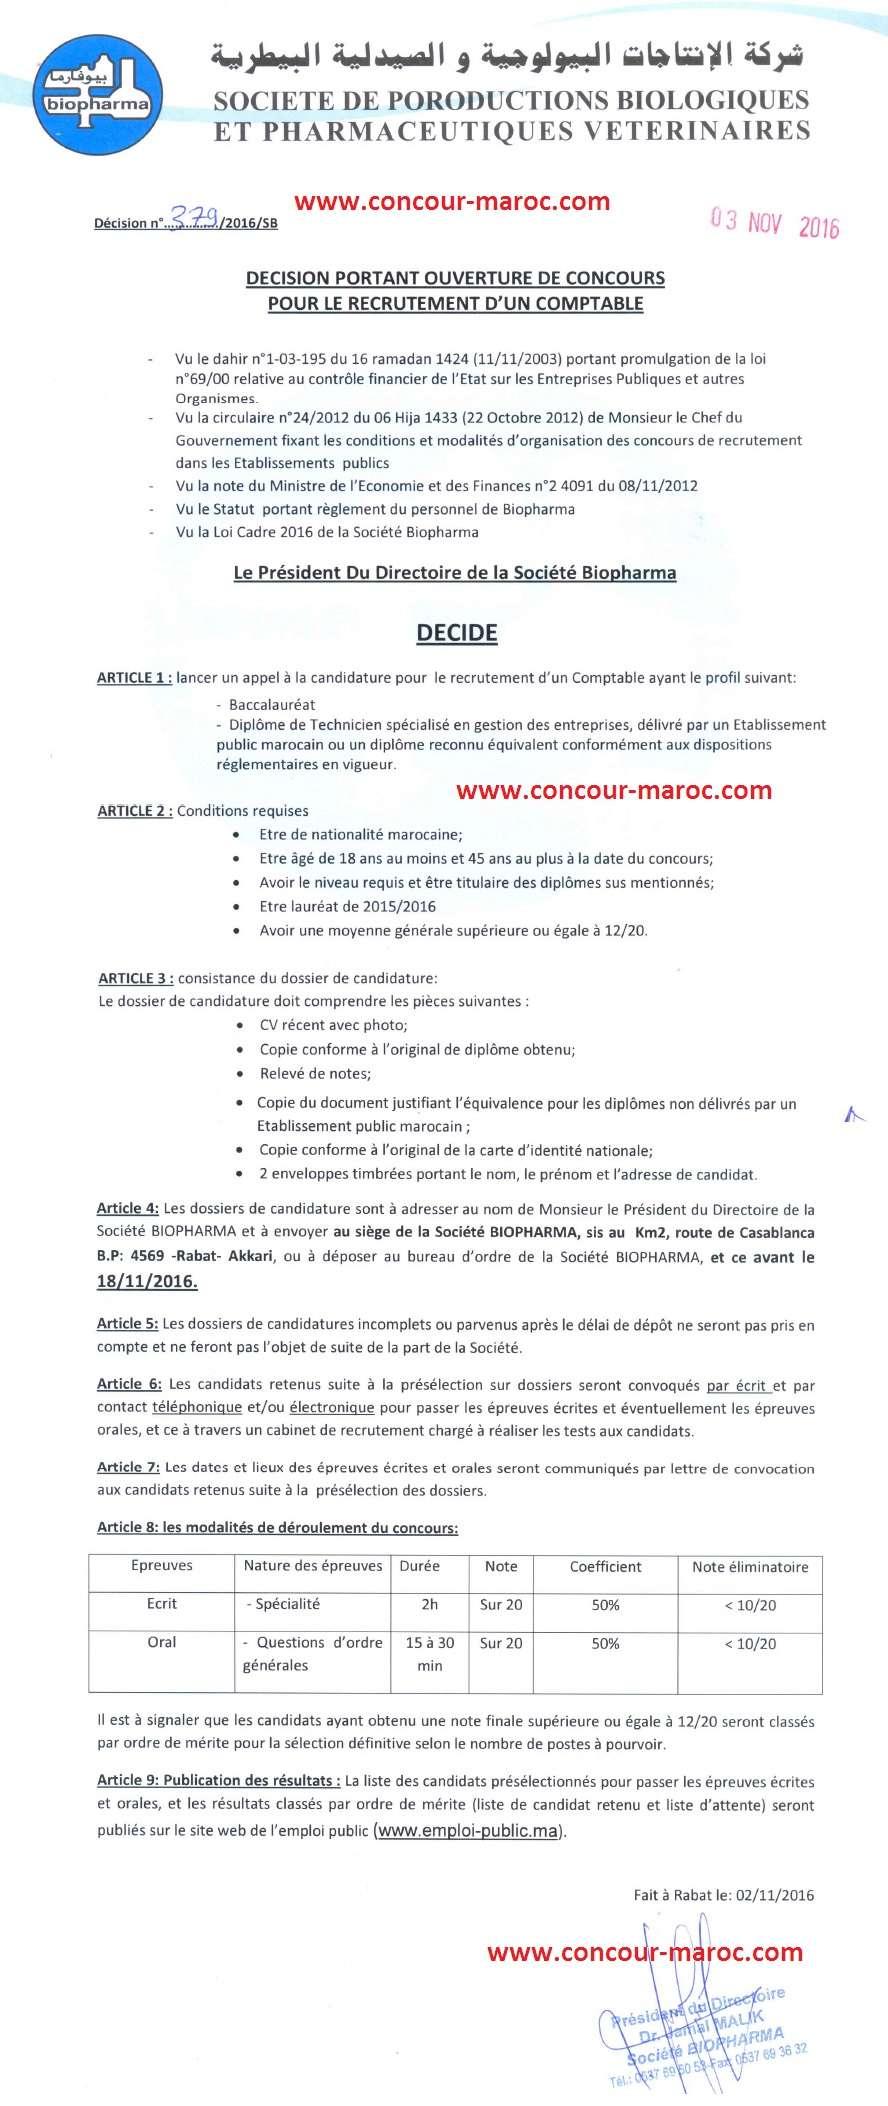 شركة الإنتاجات البيولوجية والصيدلية البيطرية (بيوفارما) : مباراة لتوظيف محاسب (1 منصب) آخر أجل لإيداع الترشيحات 17 نونبر 2016  Concou23